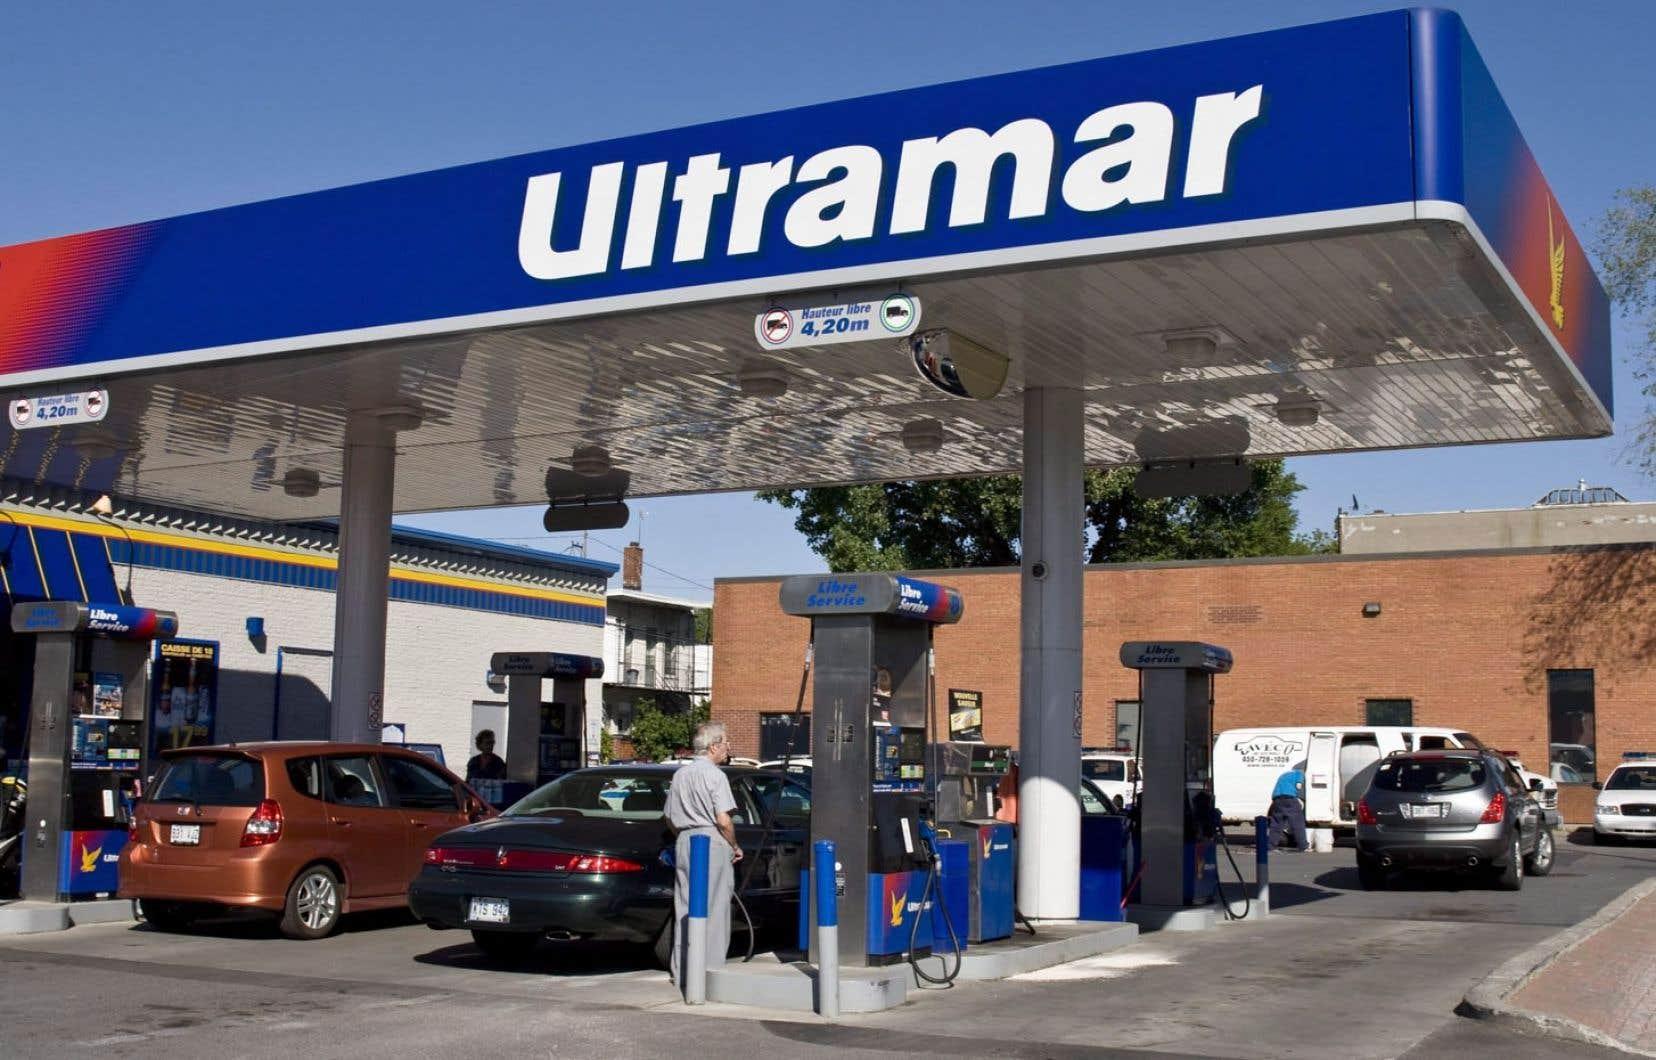 Ultramar vient de mandater une personne, qui s'est inscrite au Registre des lobbyistes du Québec, afin de faire valoir l'importance du projet d'inversion du pipeline auprès du gouvernement québécois.